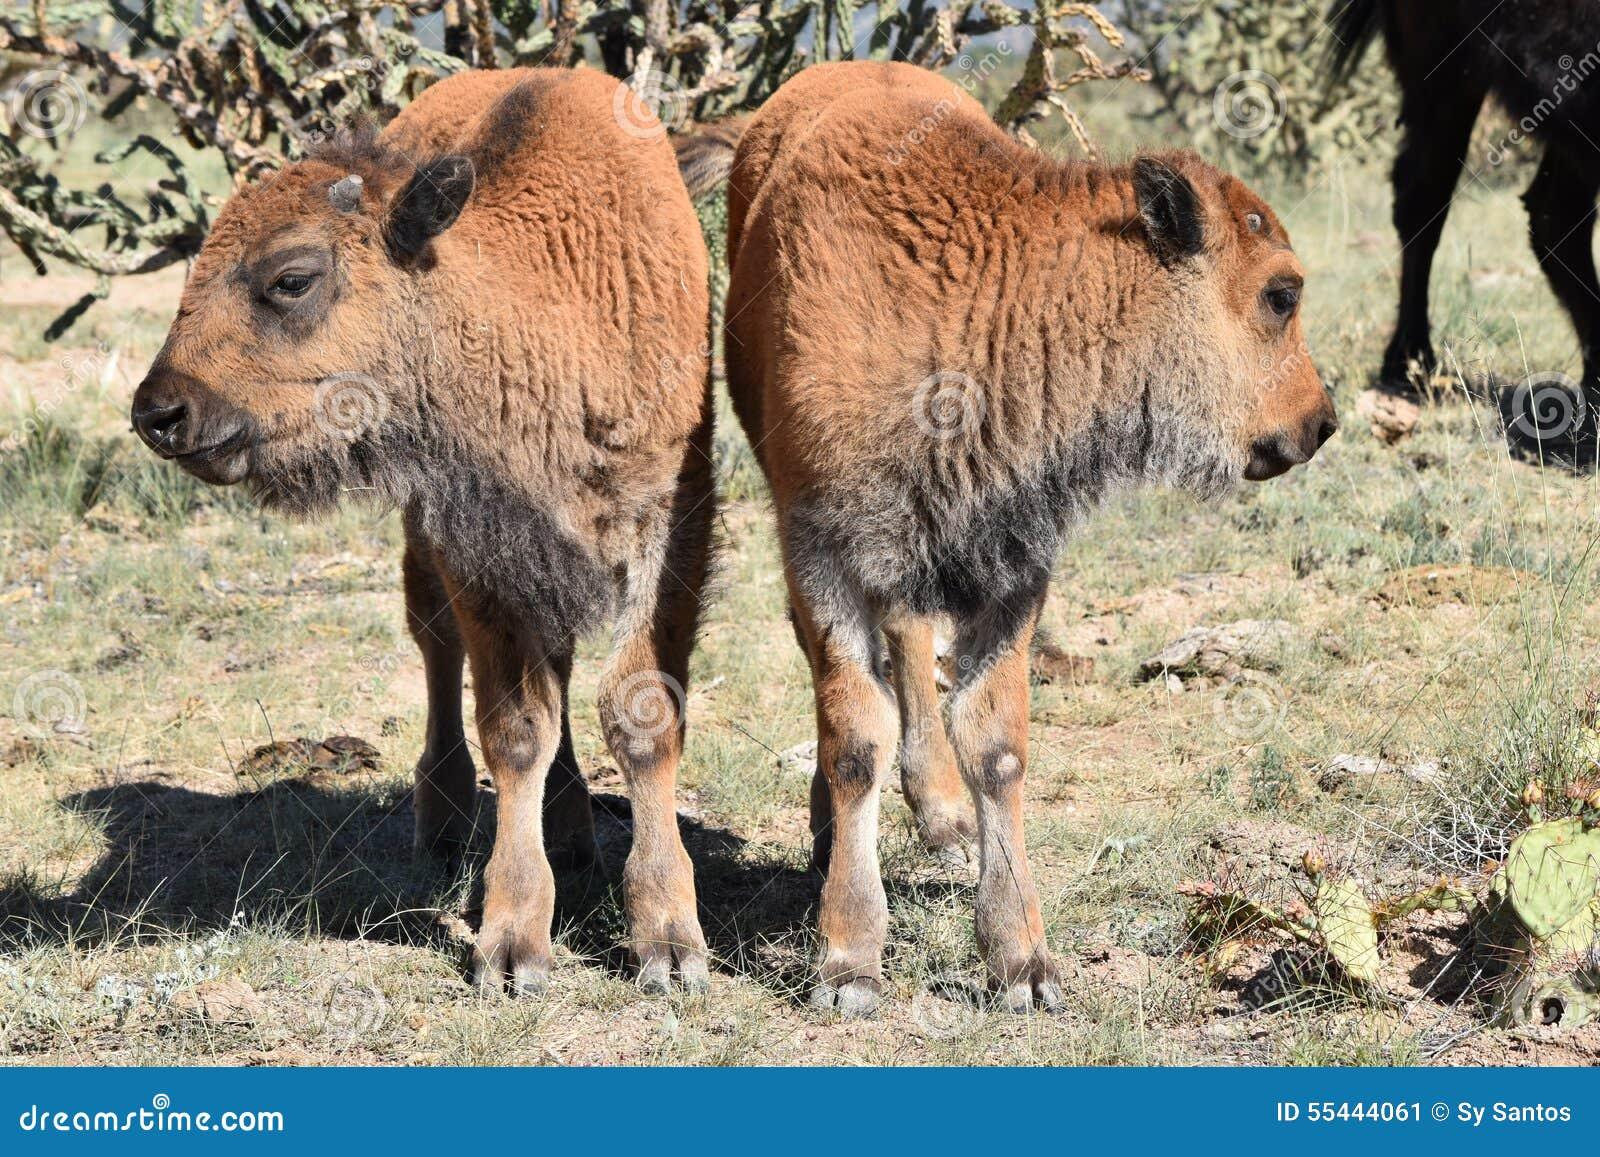 Two 2 bison buffalo calves opposite